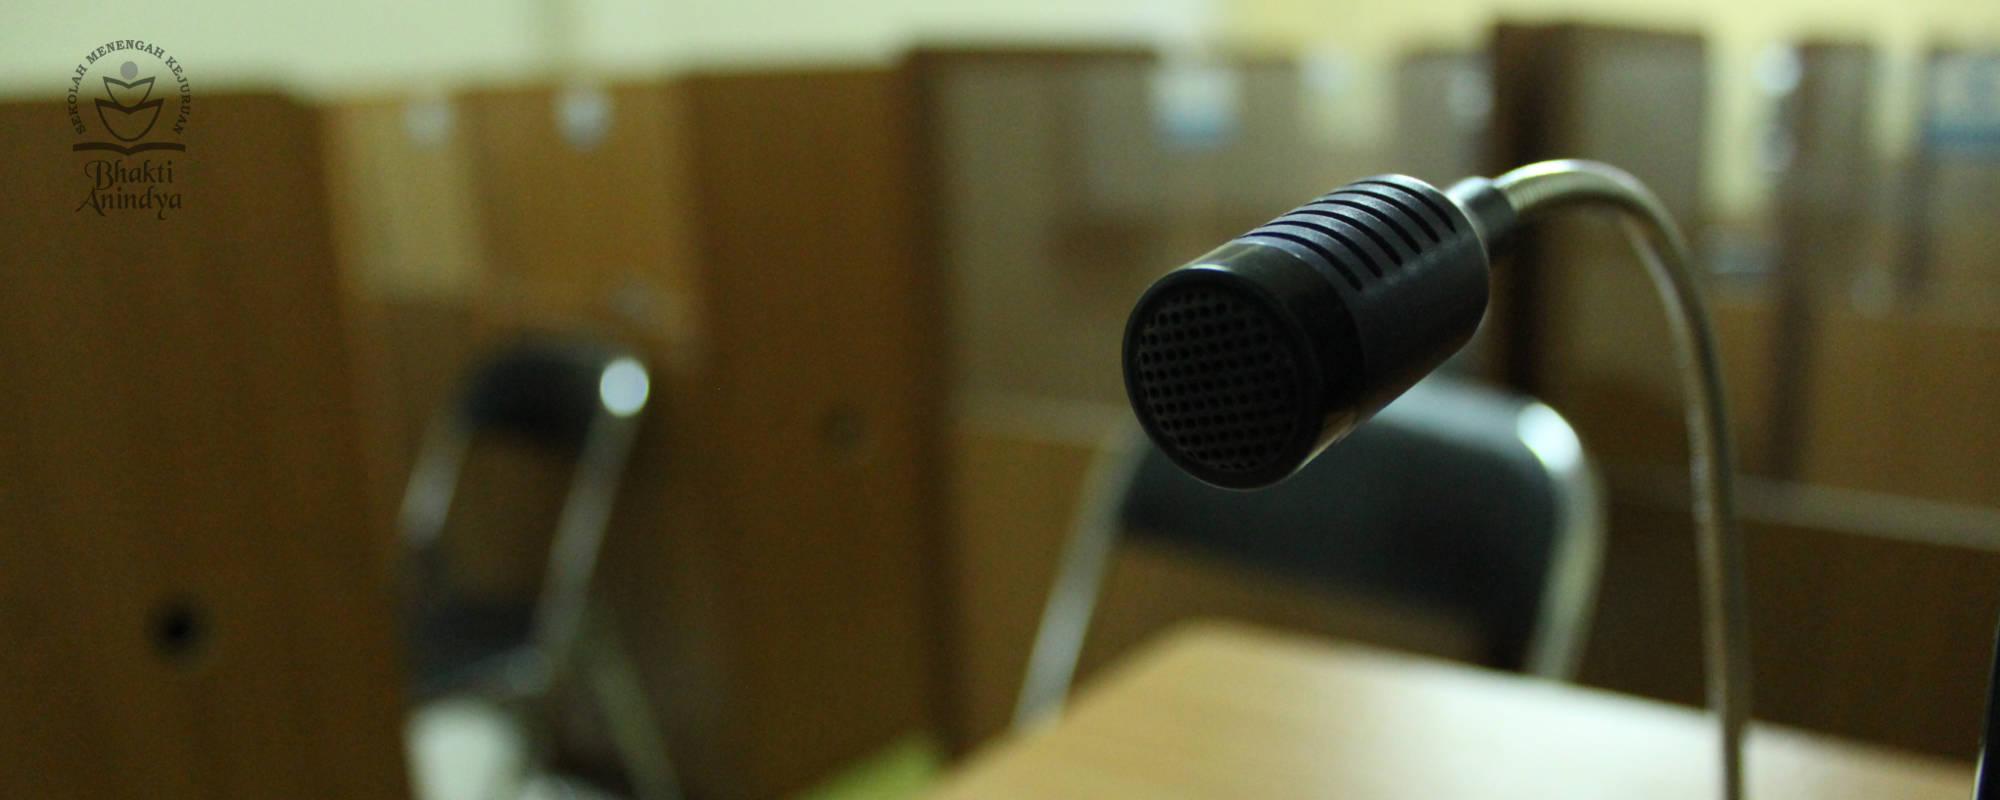 Microphone Lab Bahasa SMK Bhakti Anindya Tangerang